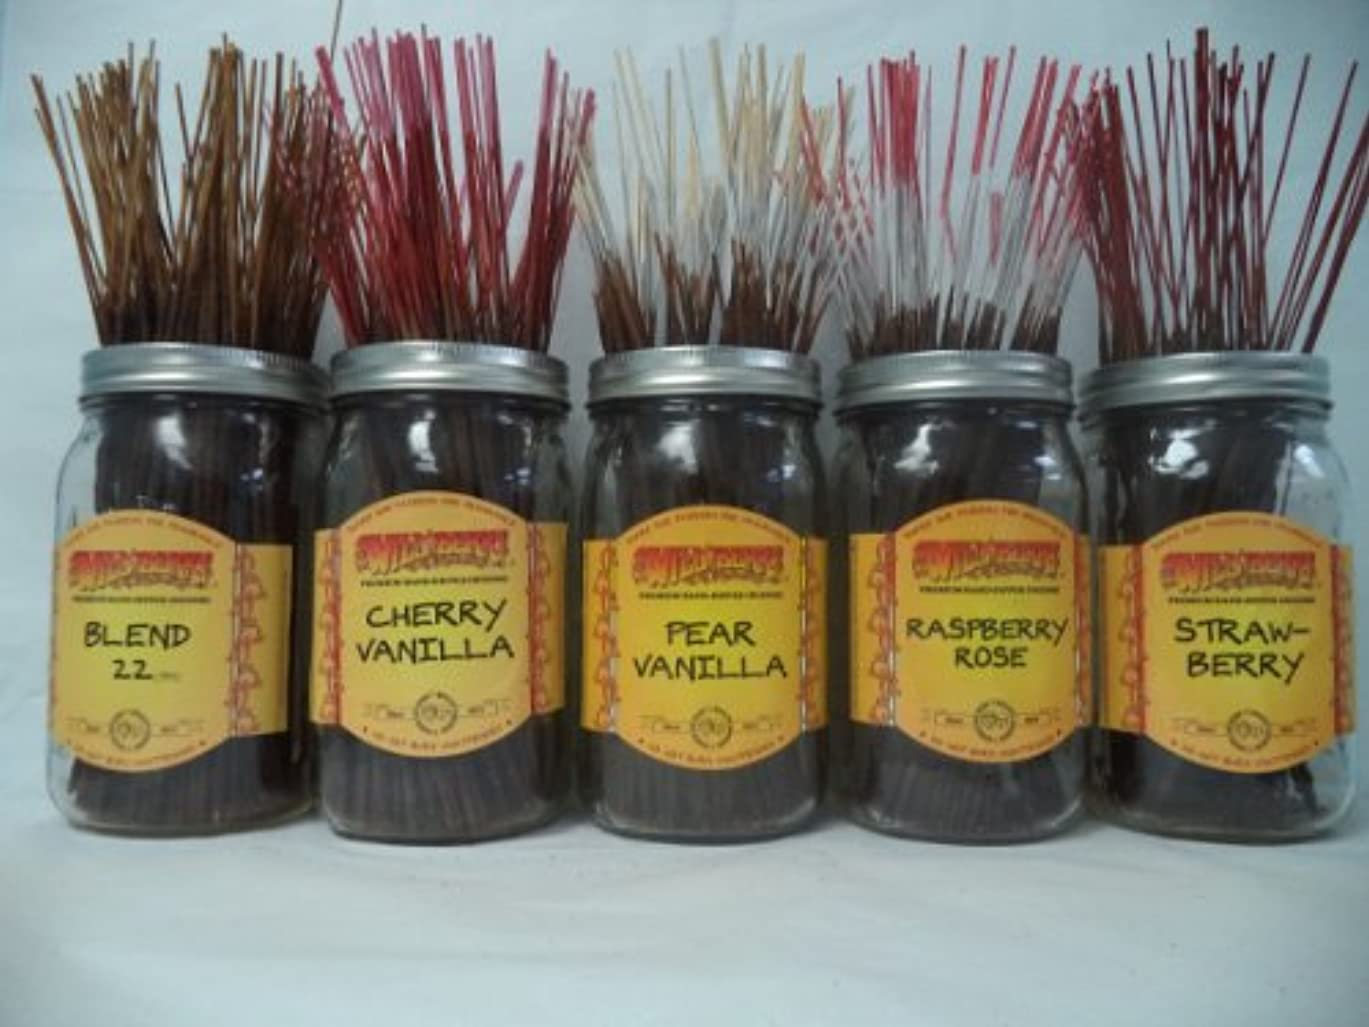 オーロックカスタムフェードWildberry Incense Sticksフルーツ香りセット# 1 : 4 Sticks各5の香り、合計20 Sticks 。